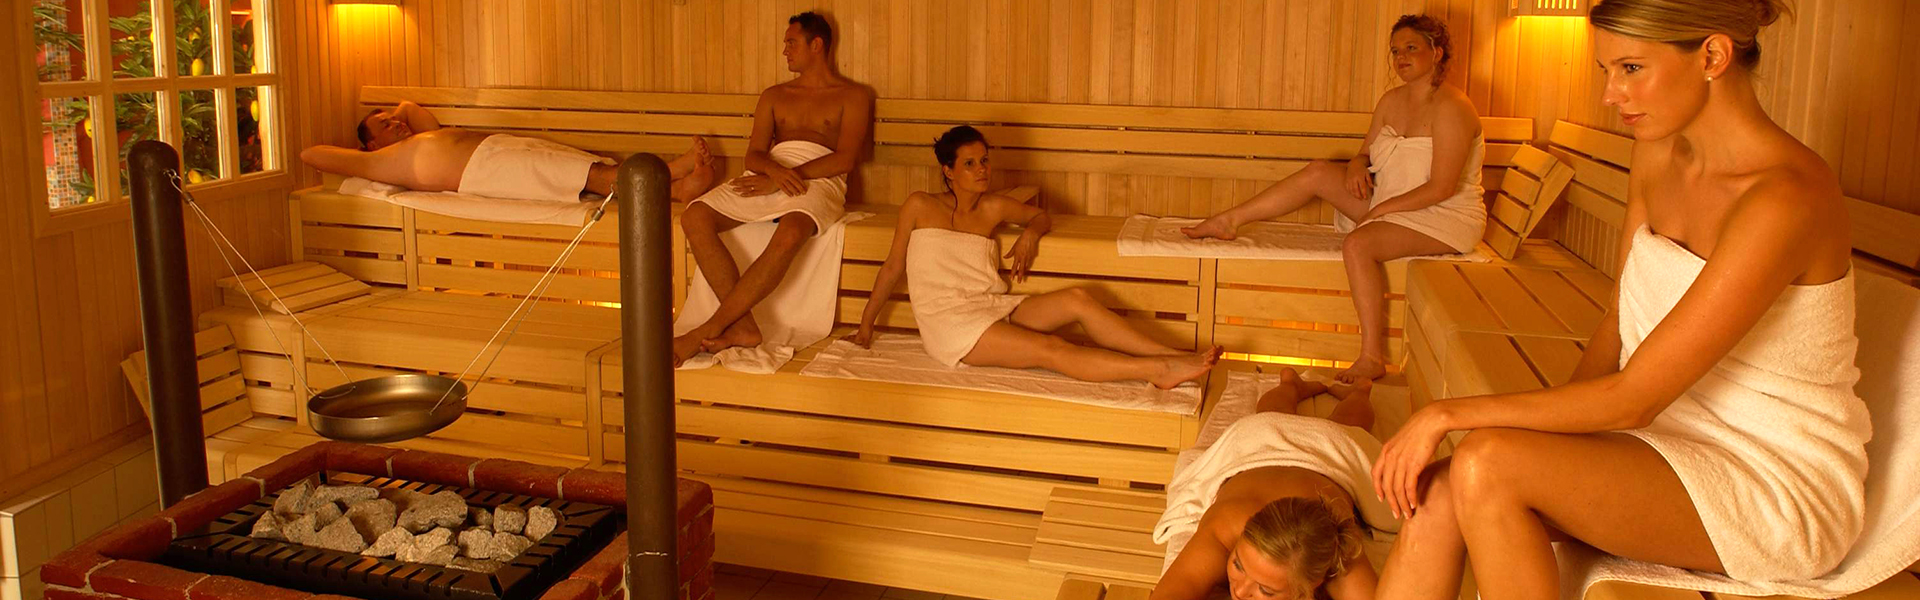 Как отдыхают толстые женщины в бани